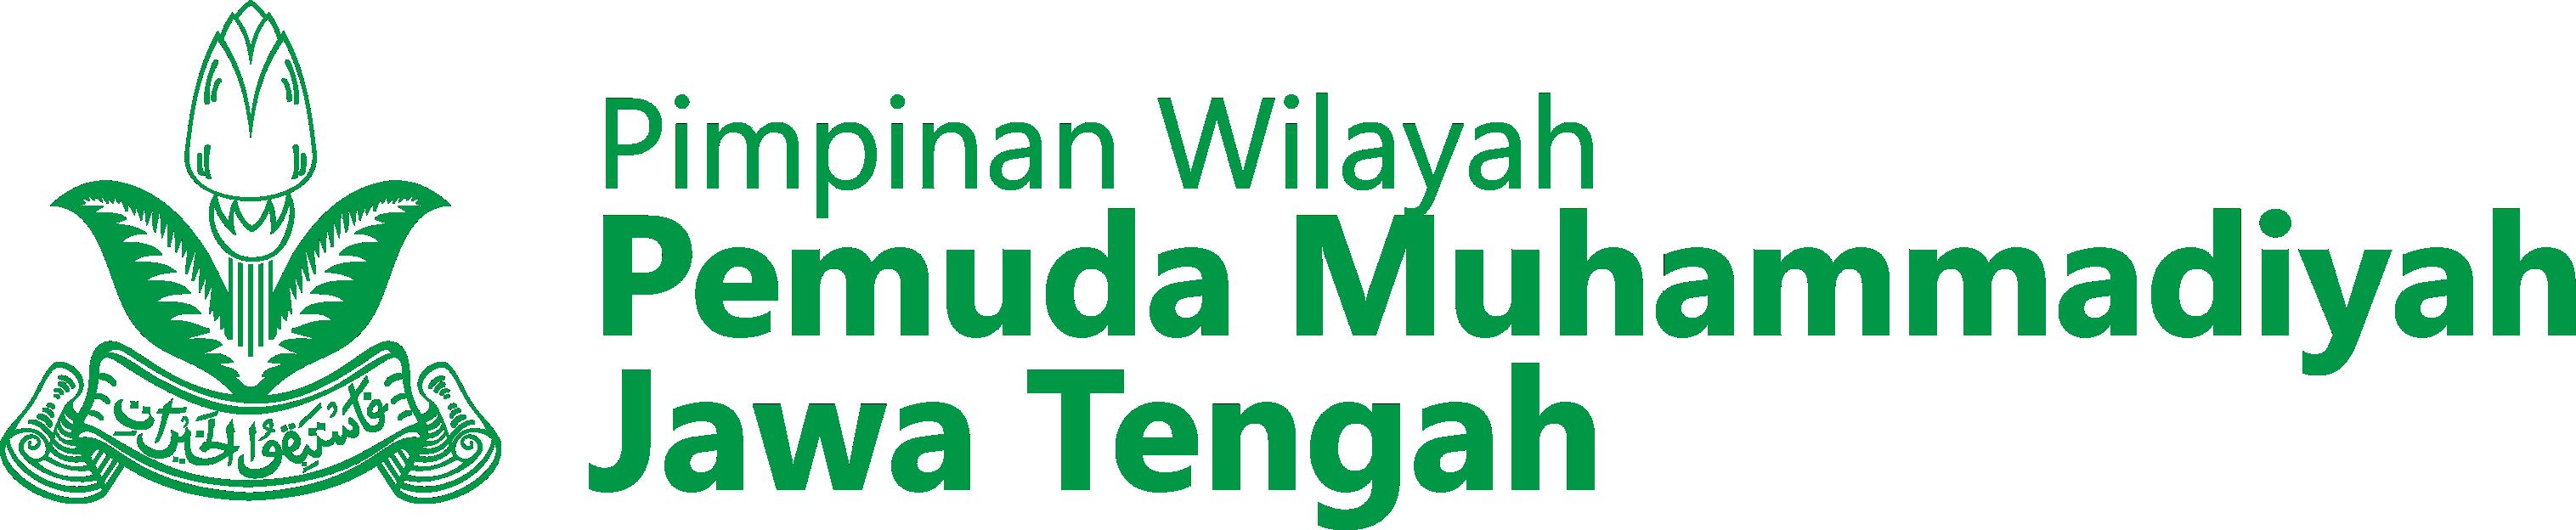 pwpmjateng logo